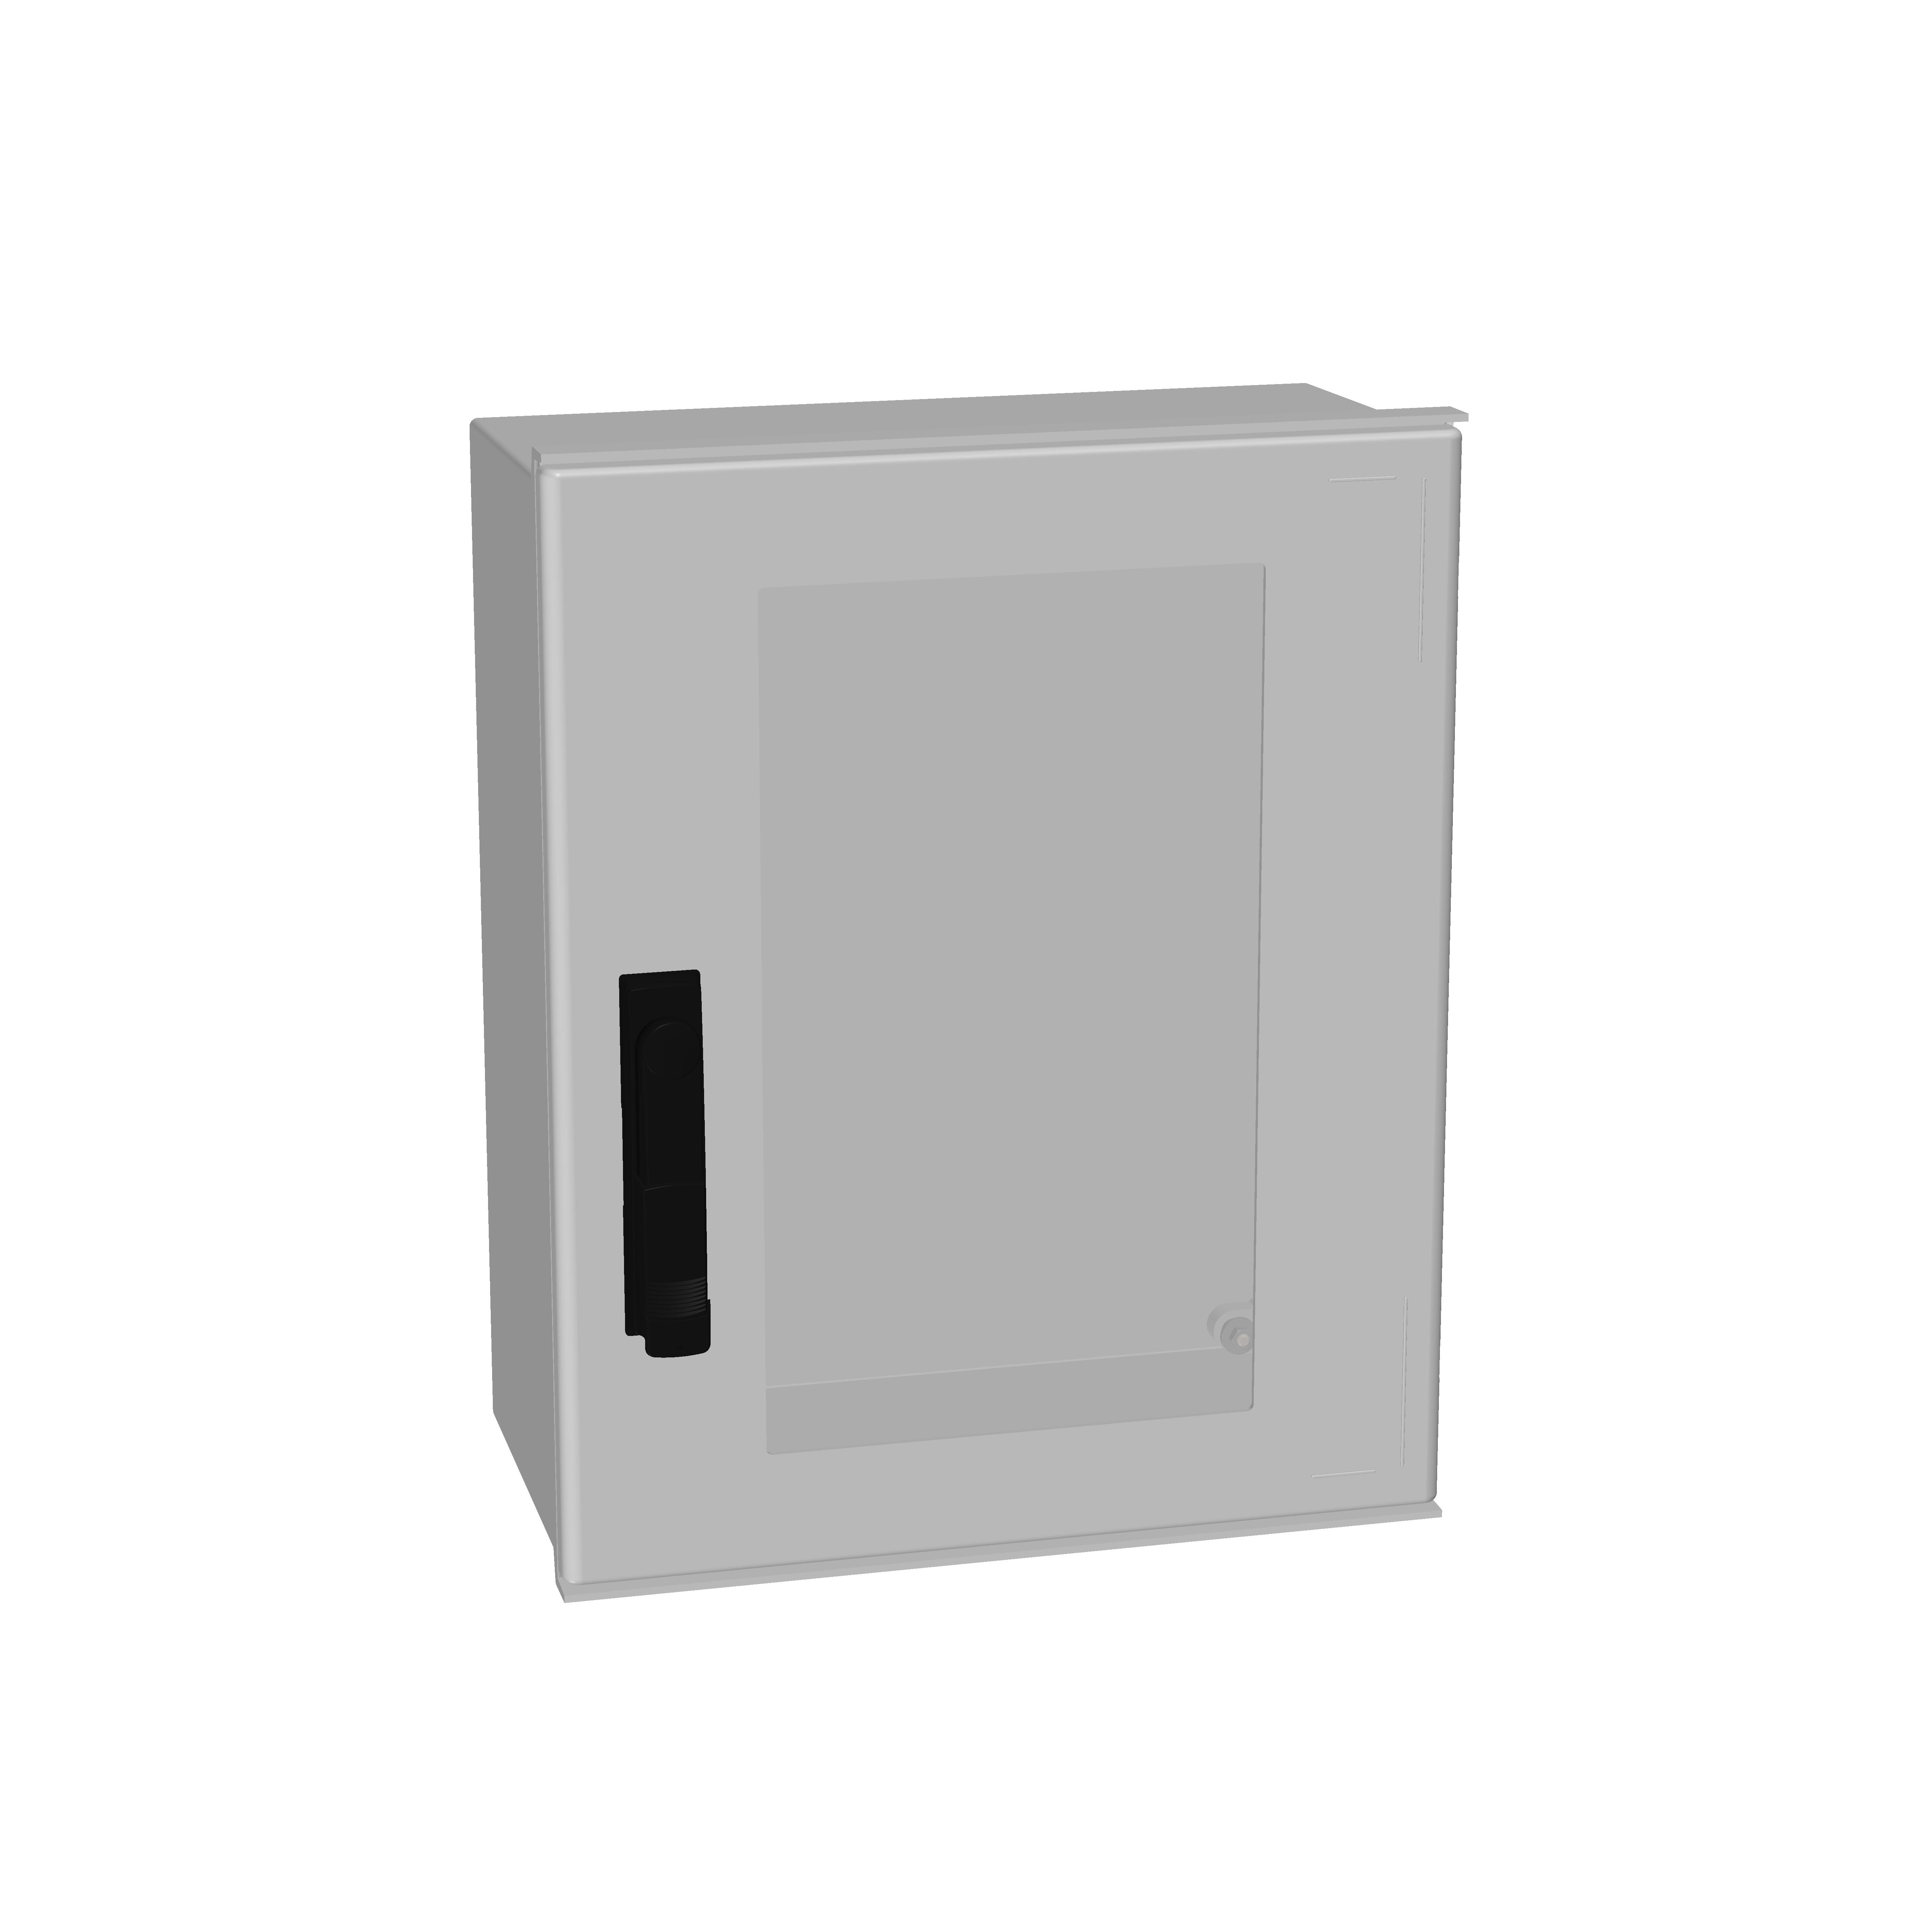 1 Stk Minipol-Wandschrank 3-Punkt Stangenverschl.+SF 500x400x200mm IM088954--